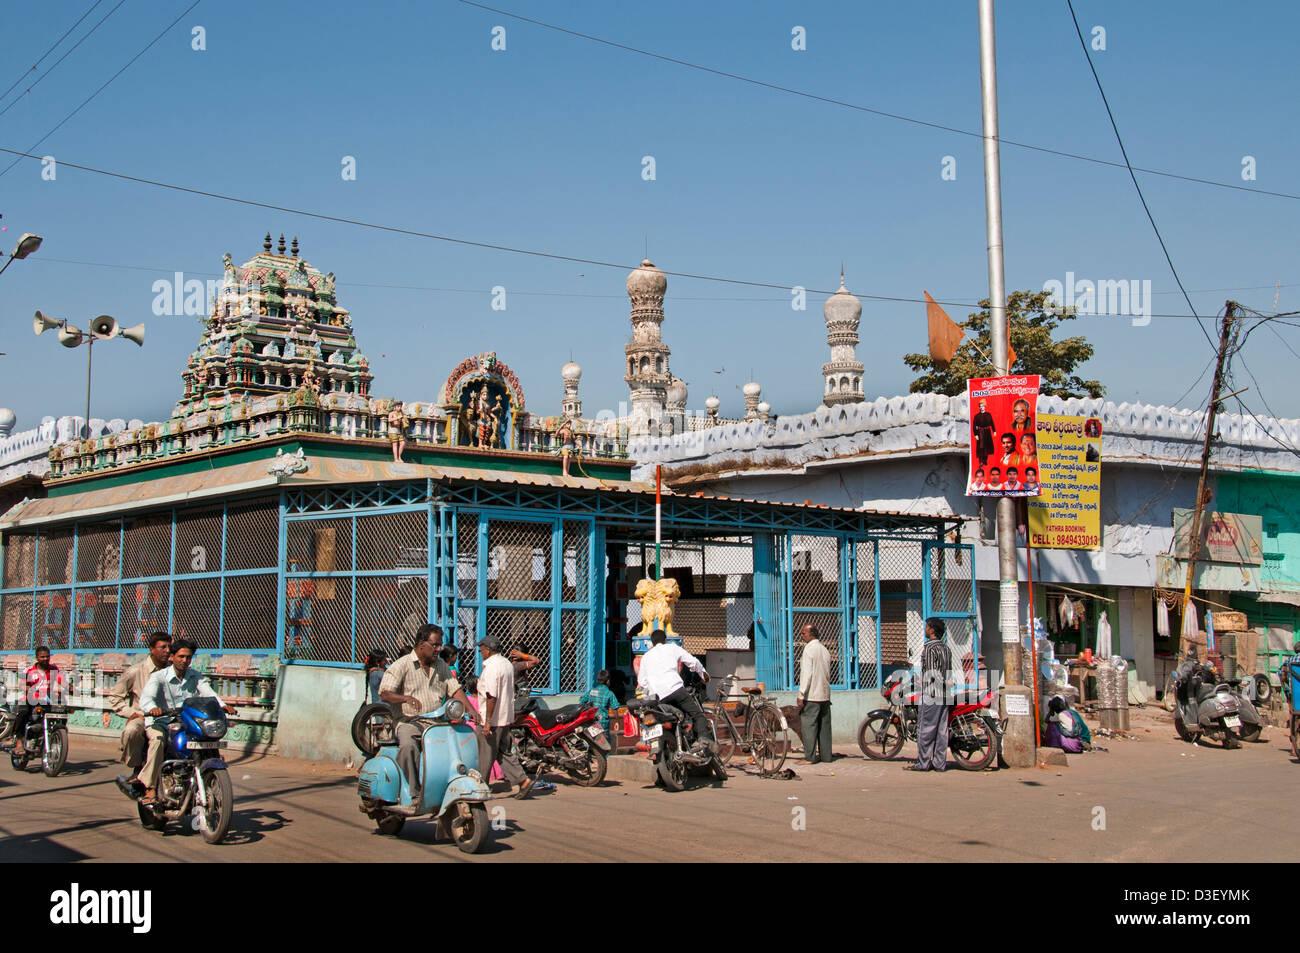 Moschea bazar e il Mercato di strada a nord del fiume Musi Hyderabad India Andhra Pradesh Immagini Stock